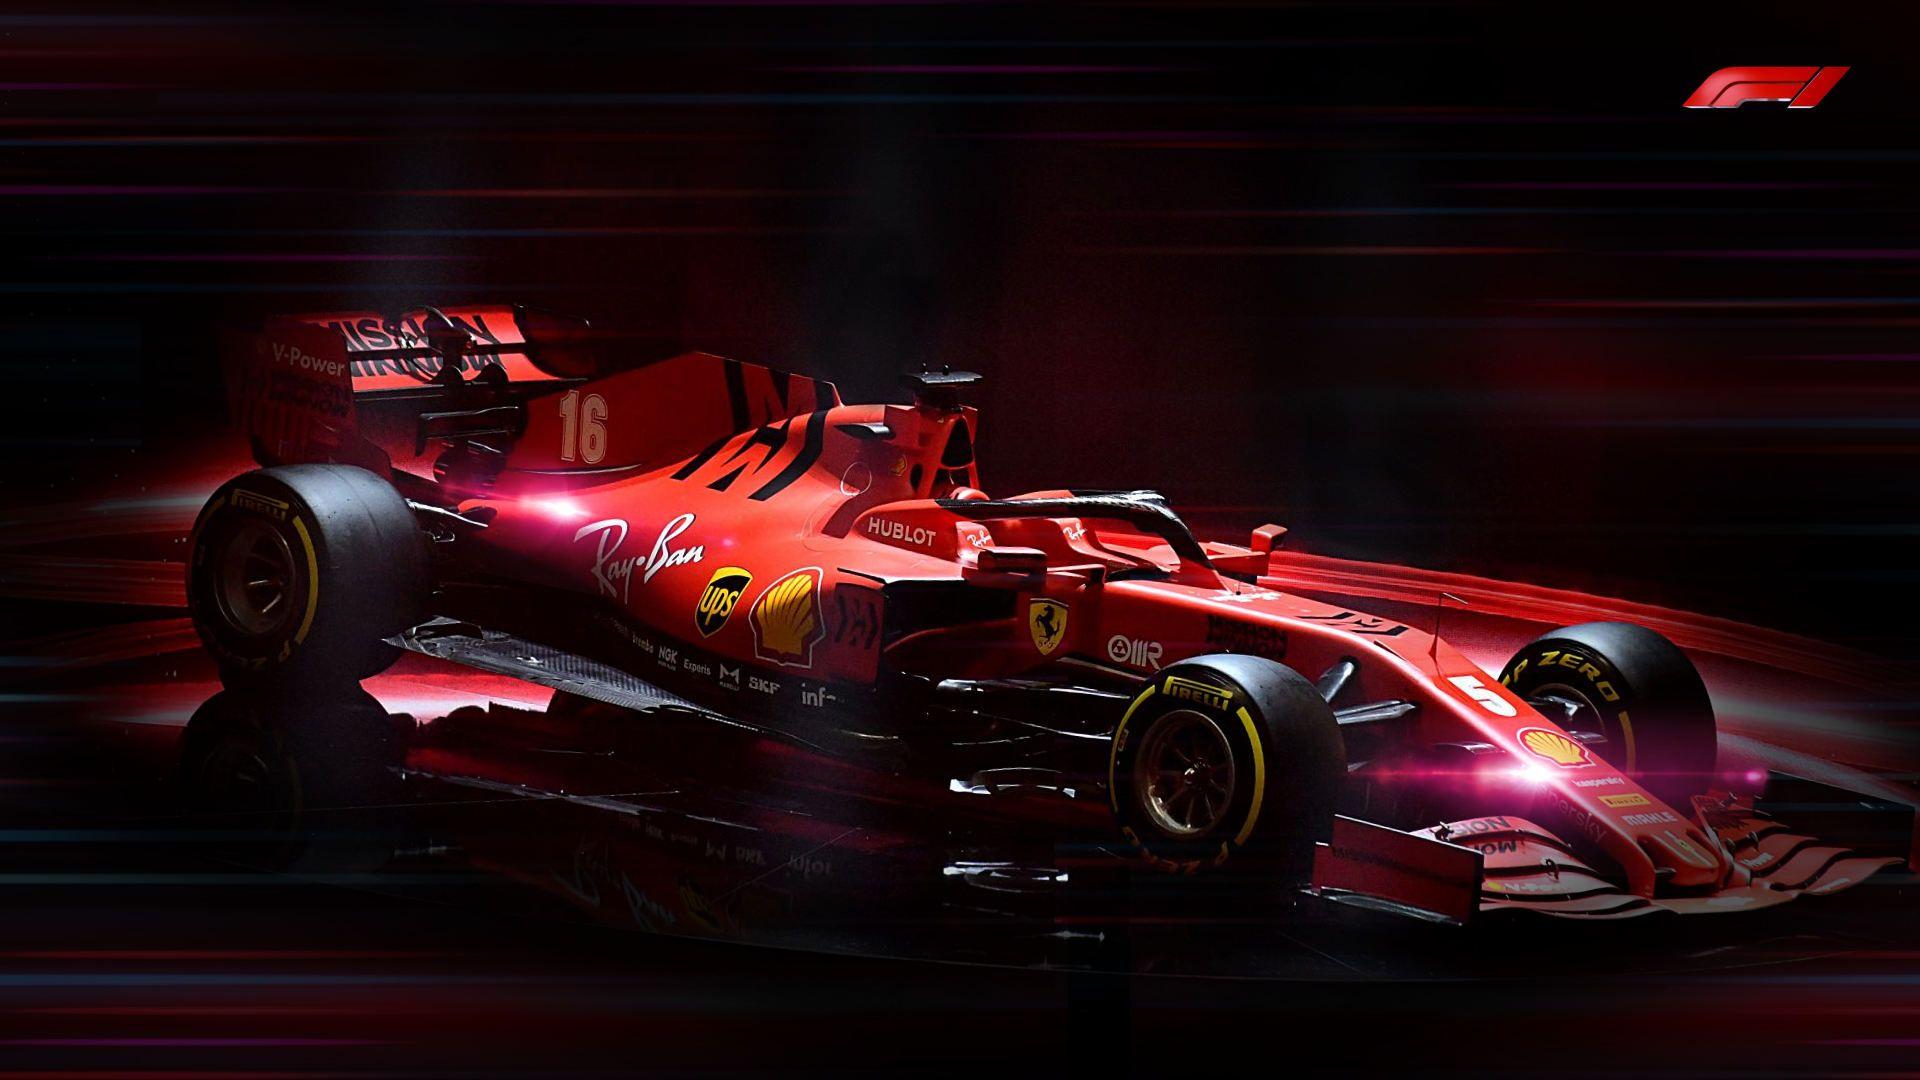 Formula 1 2020 Wallpapers Wallpaper Cave